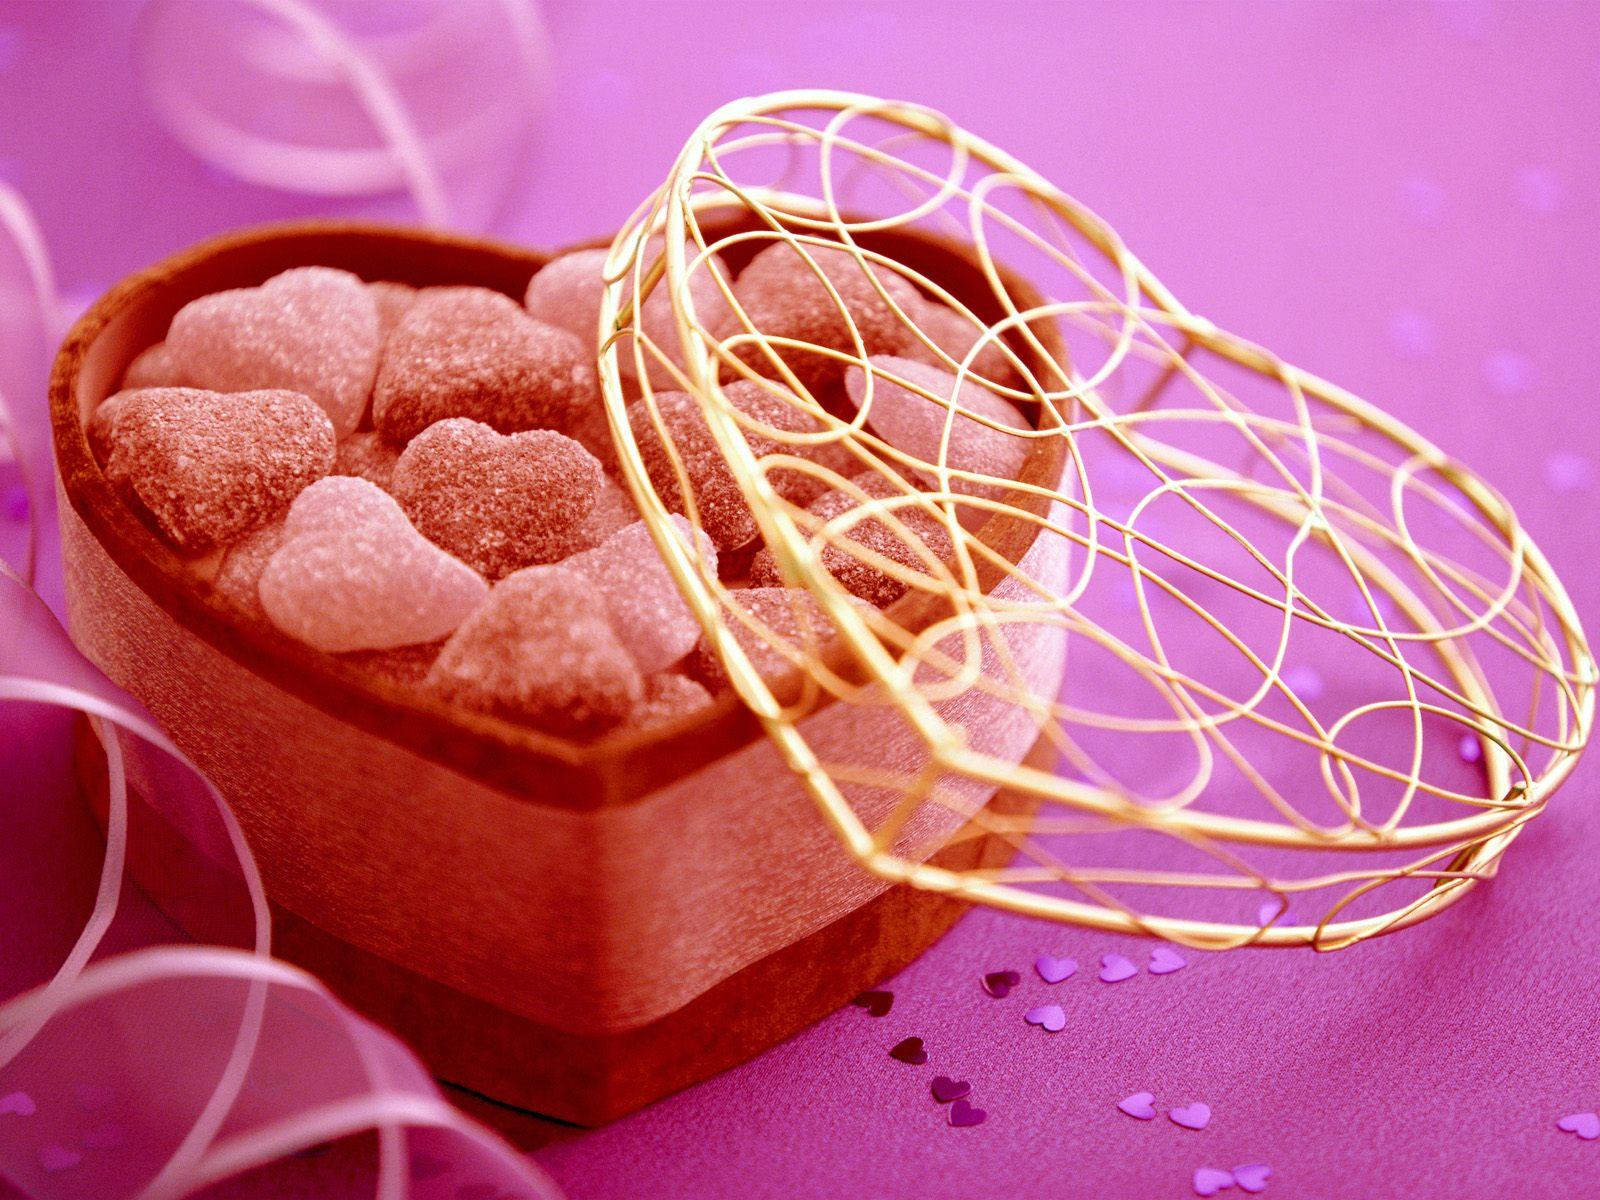 http://1.bp.blogspot.com/-x38FQtbQzJM/T9Xl29iG9XI/AAAAAAAAAQ0/oM6EyzYsJCY/s1600/Heart_Candy_Valentine_Wallpaper_freecomputerdesktopwallpaper_1600.jpg